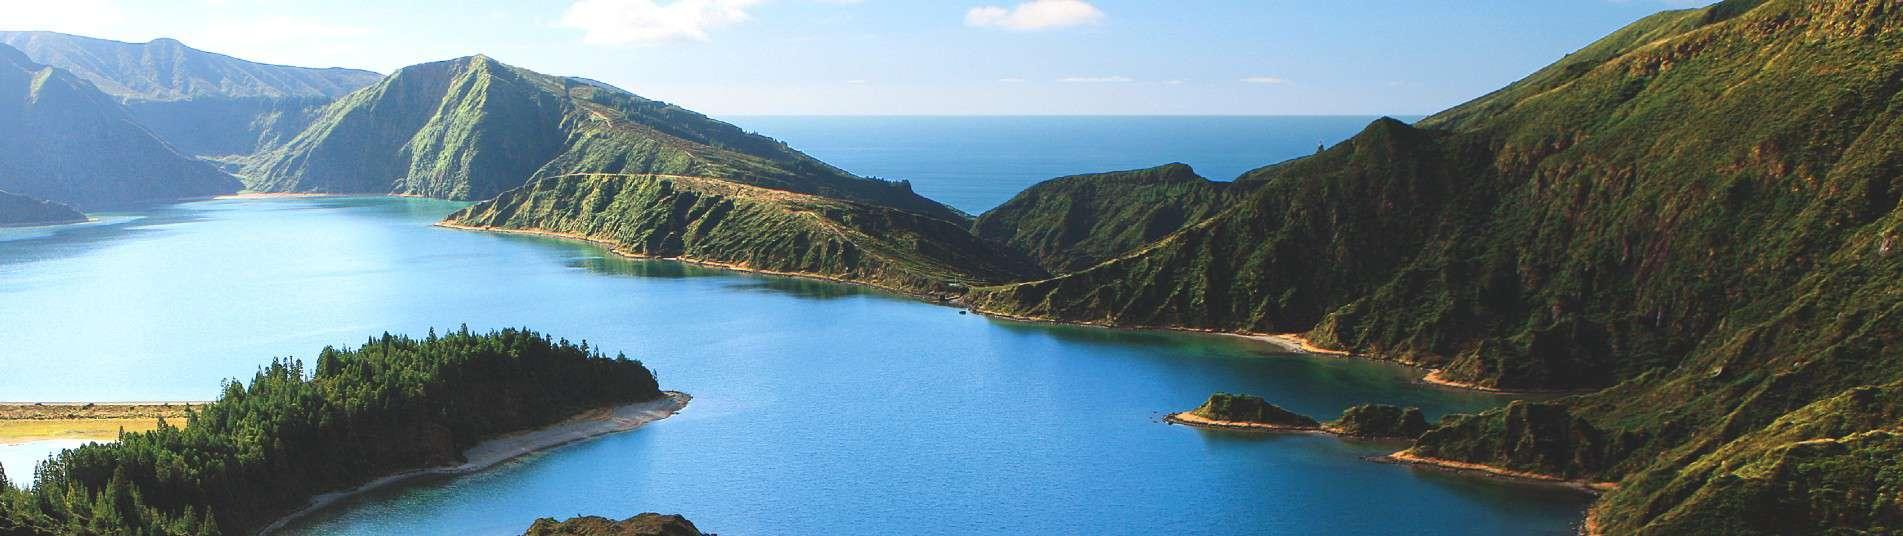 Lagon de Feu sur l'ile de Sao Miguel aux Açores